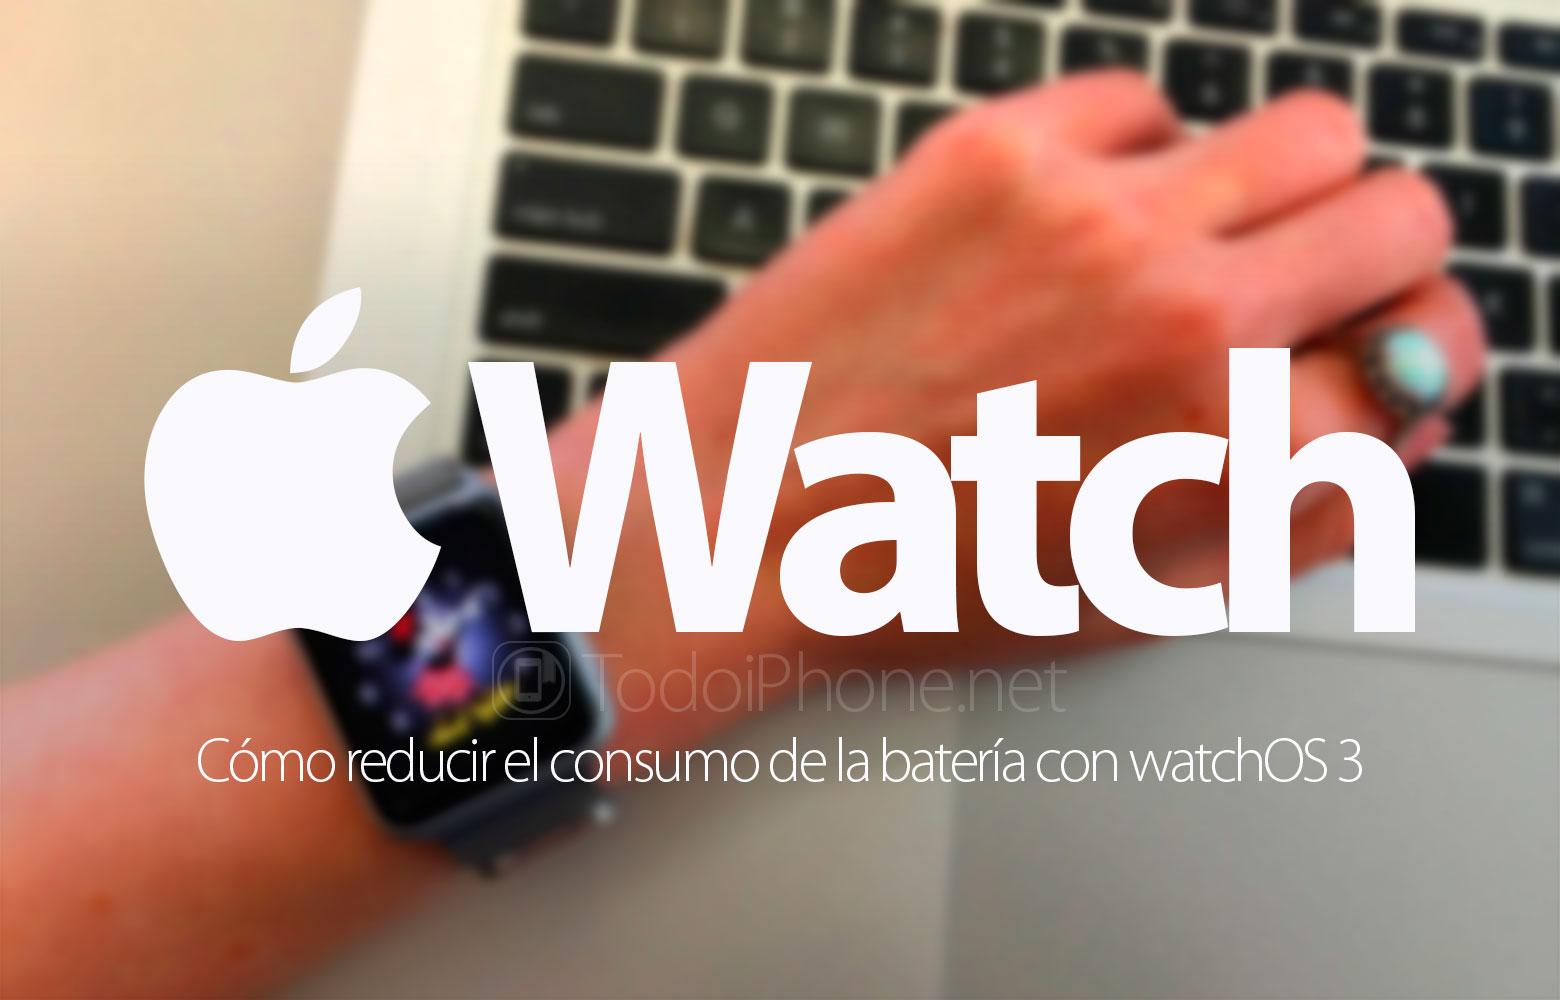 watchos-3-como-reducir-consumo-bateria